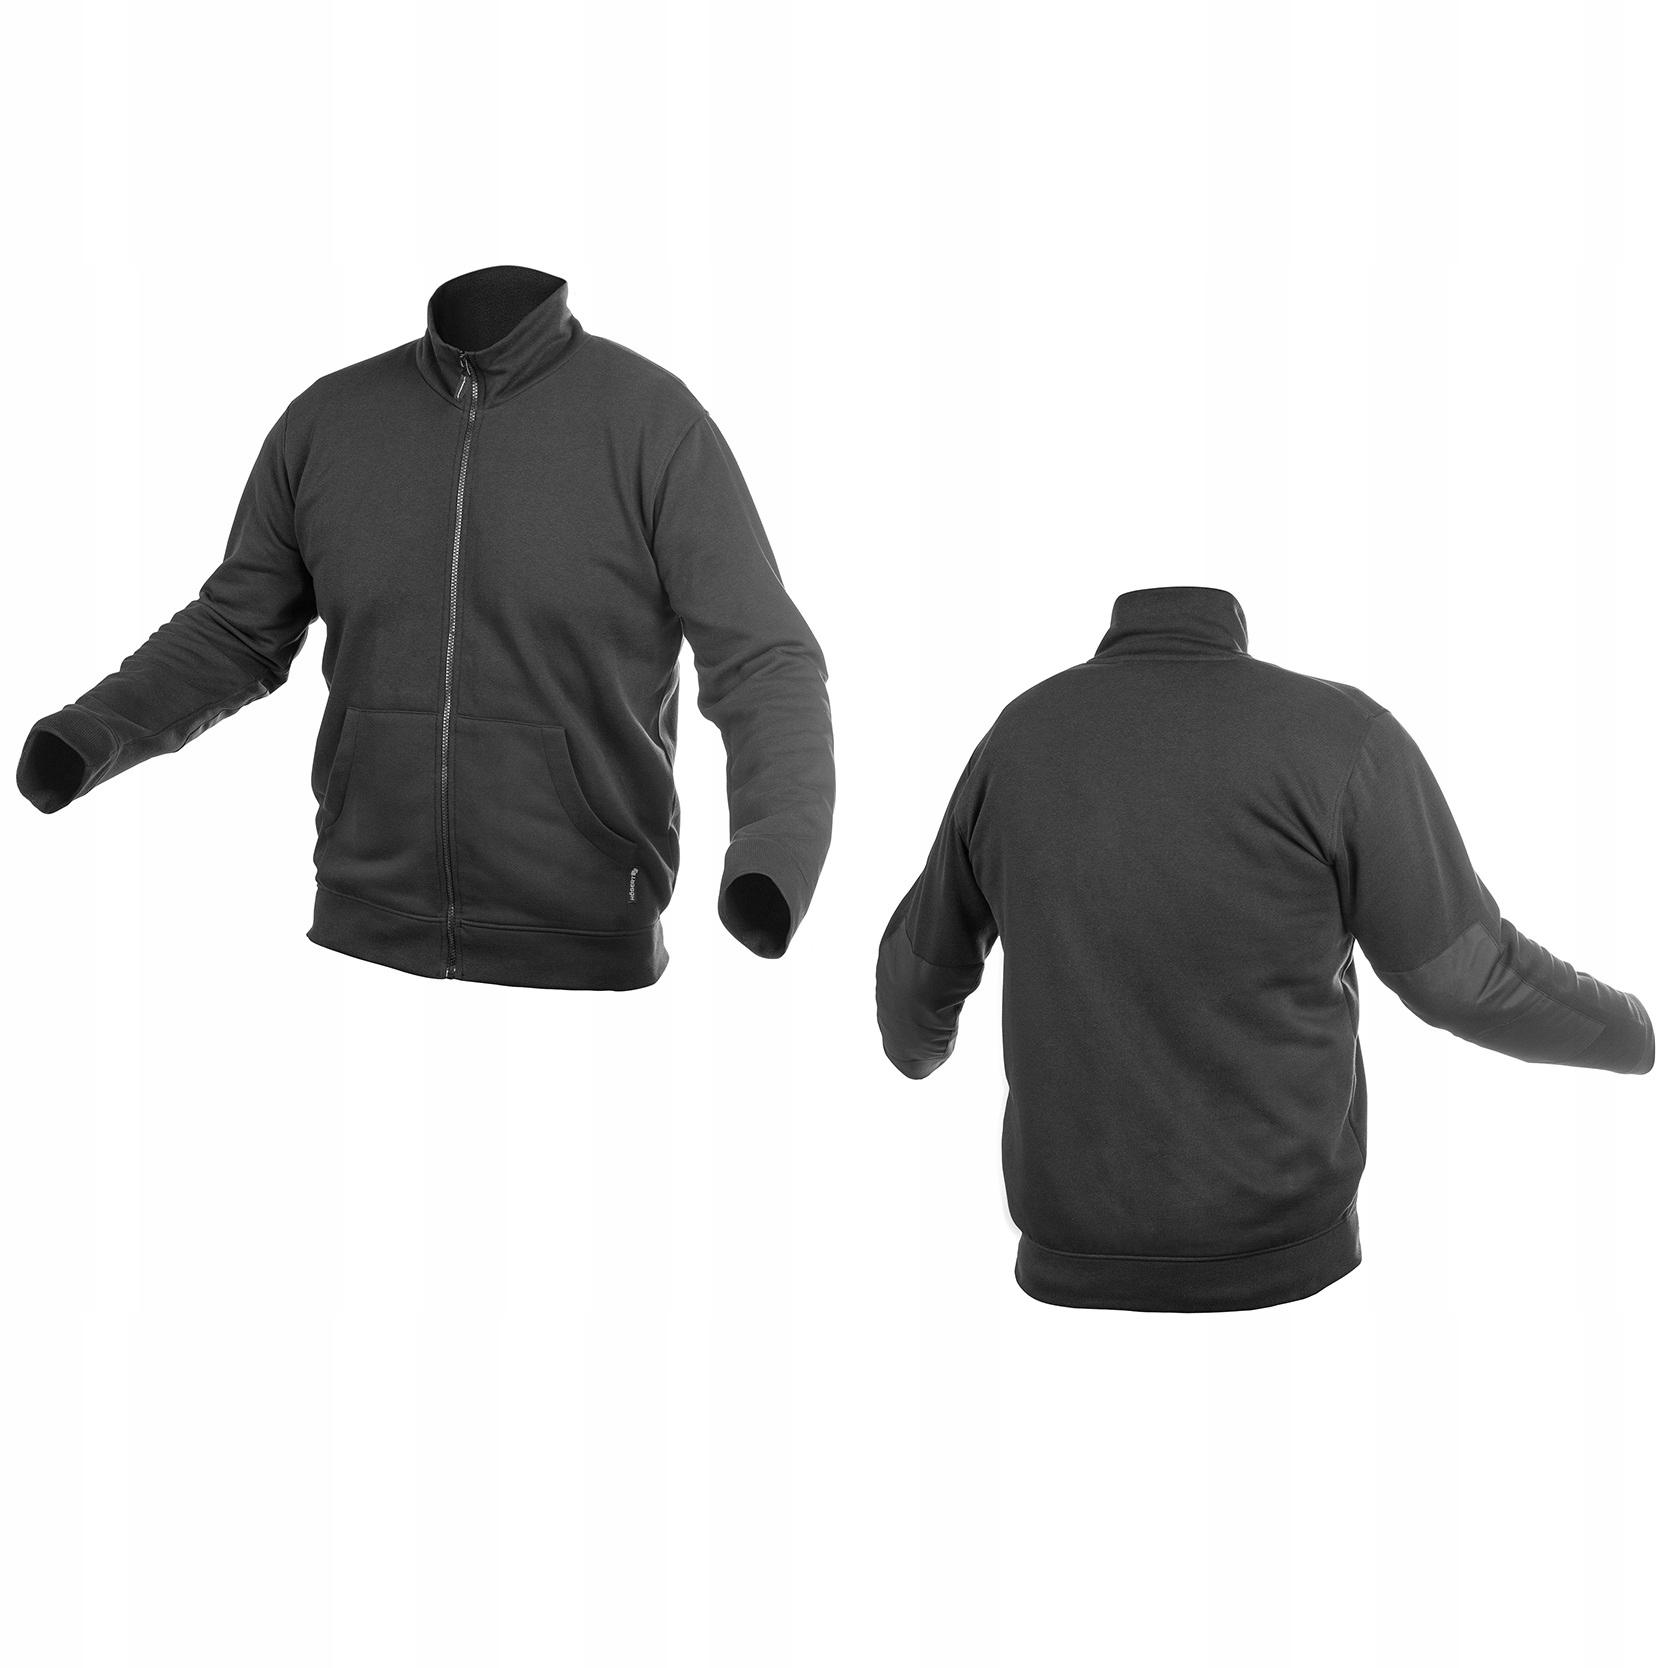 Bluza dresowa robocza dres roboczy L/52 bawełna